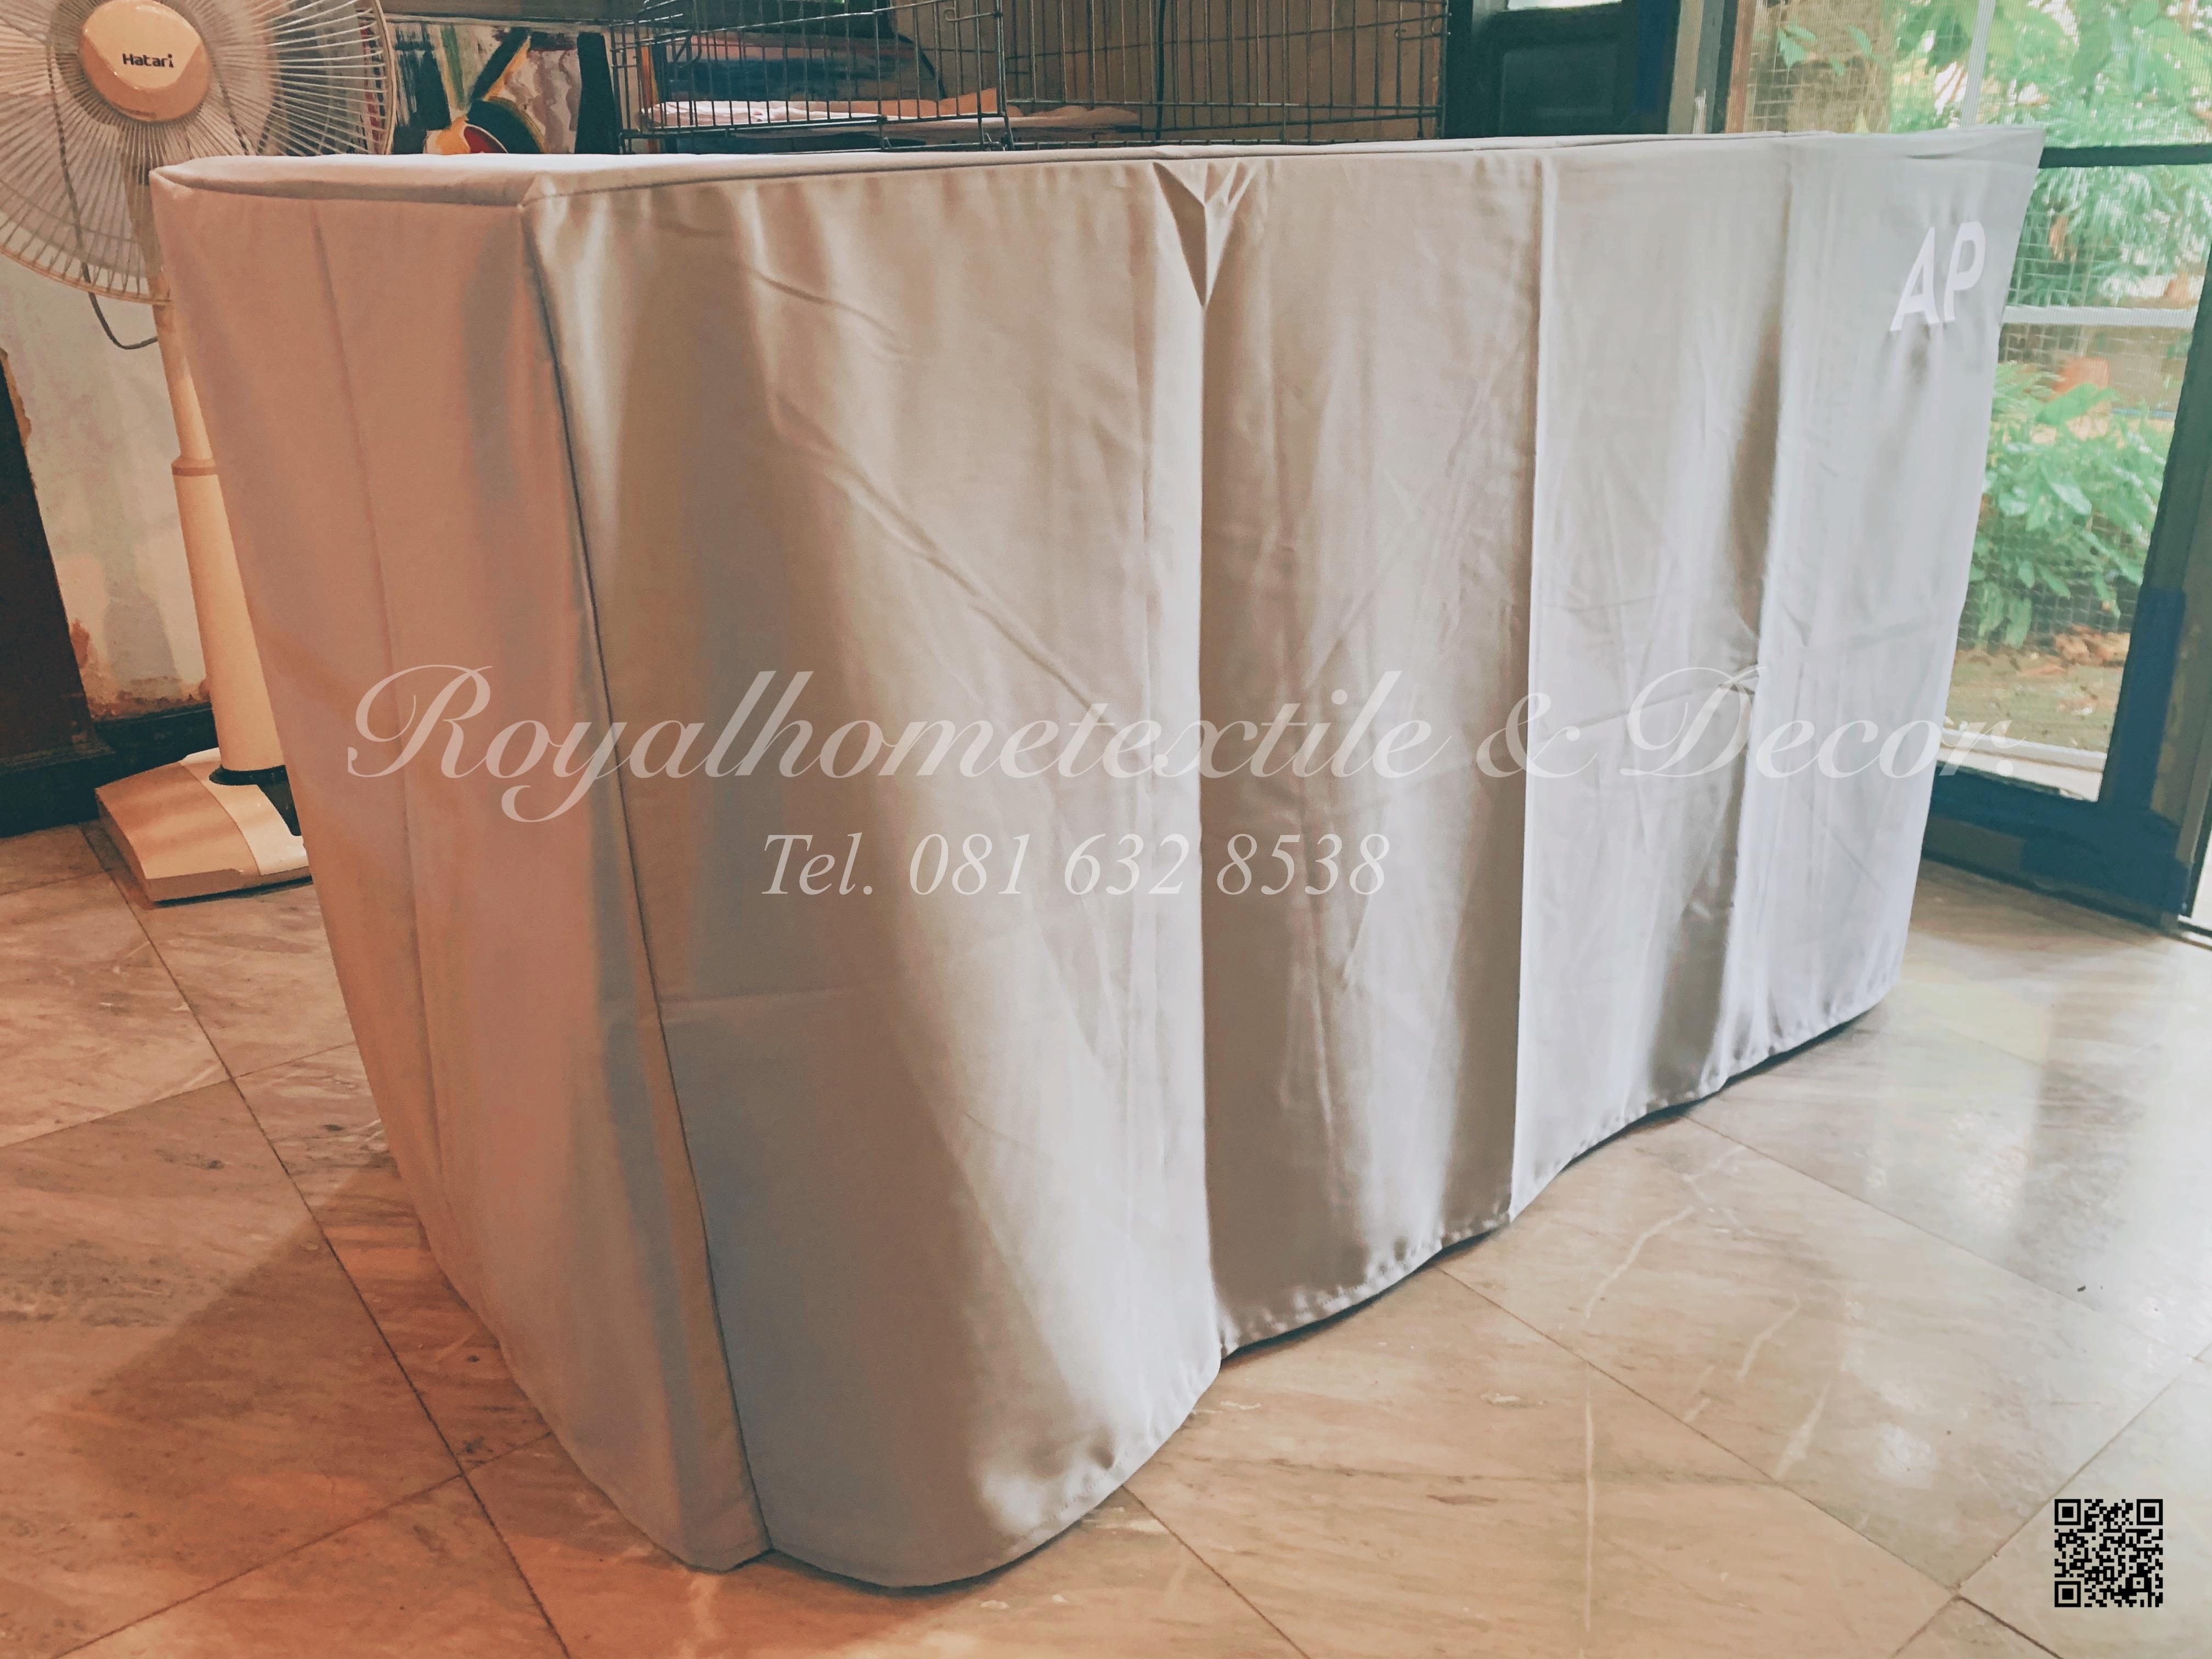 ผ้าปูโต๊ะ/ผ้าคลุมโต๊ะ เข้ารูป สกรีนโ